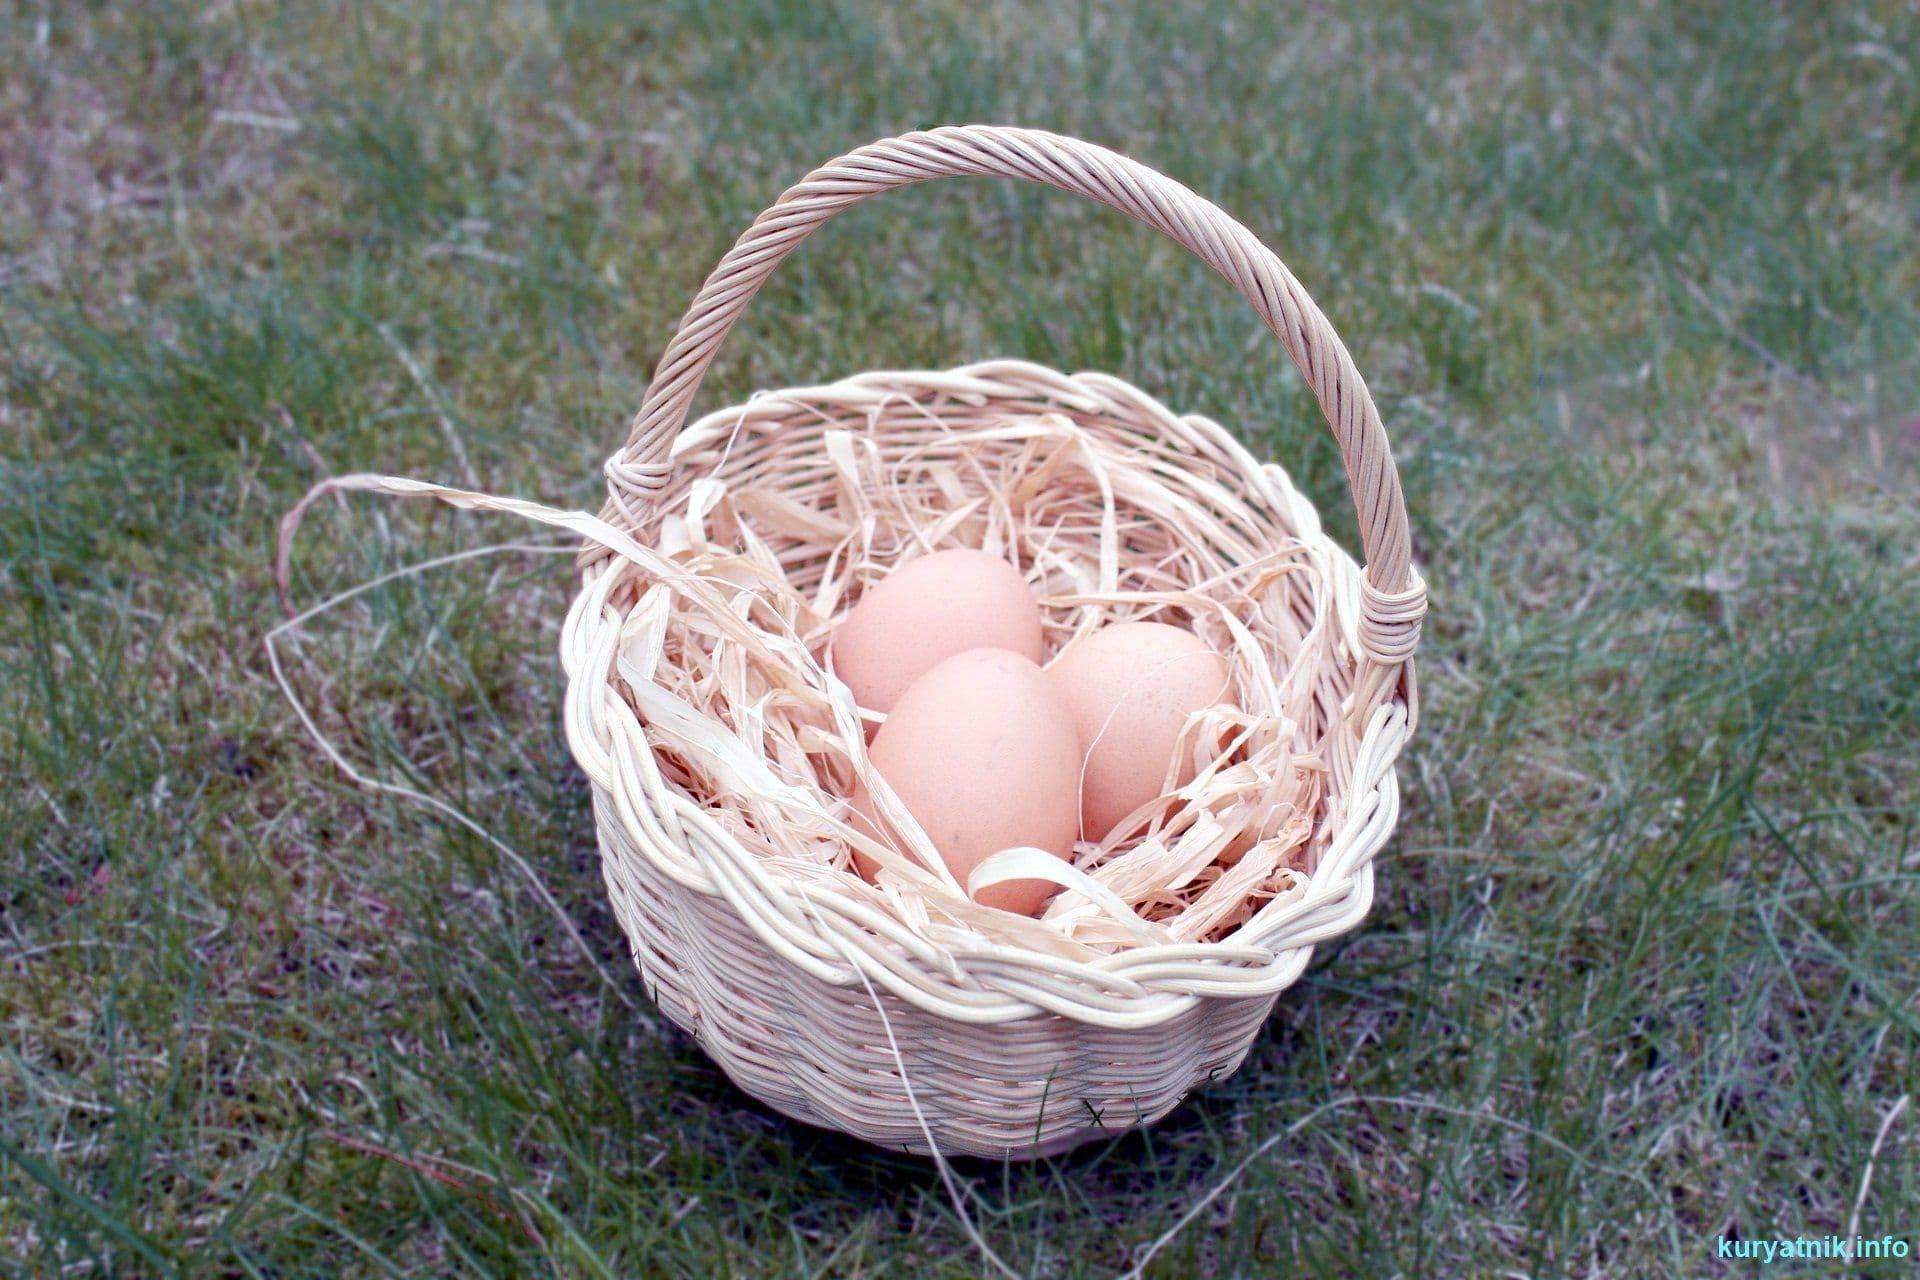 Тонкая и слабая скорлупа у куриных яиц: что делать — selok.info